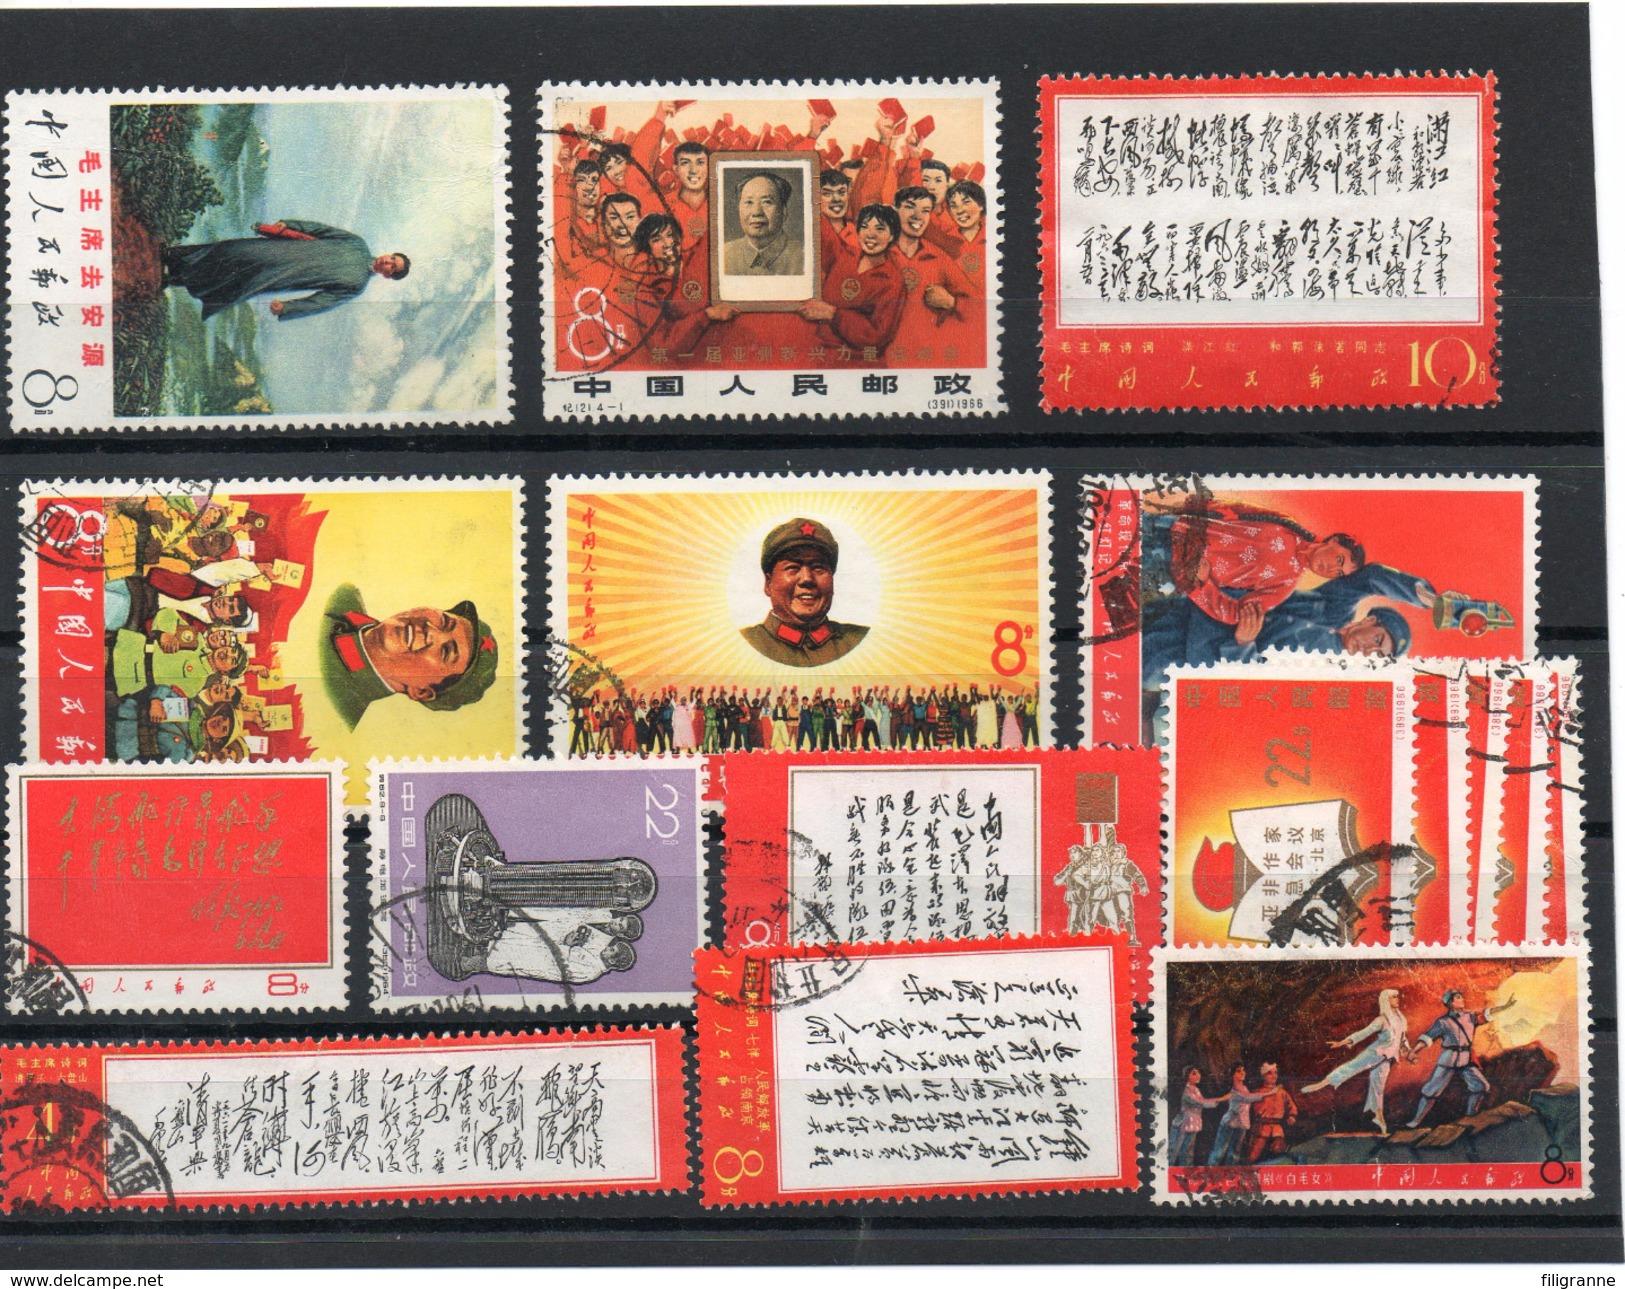 SUPERBE Lot De Timbres De Chine Tous Sans Defaut Prix Depart 25 E - 1949 - ... People's Republic